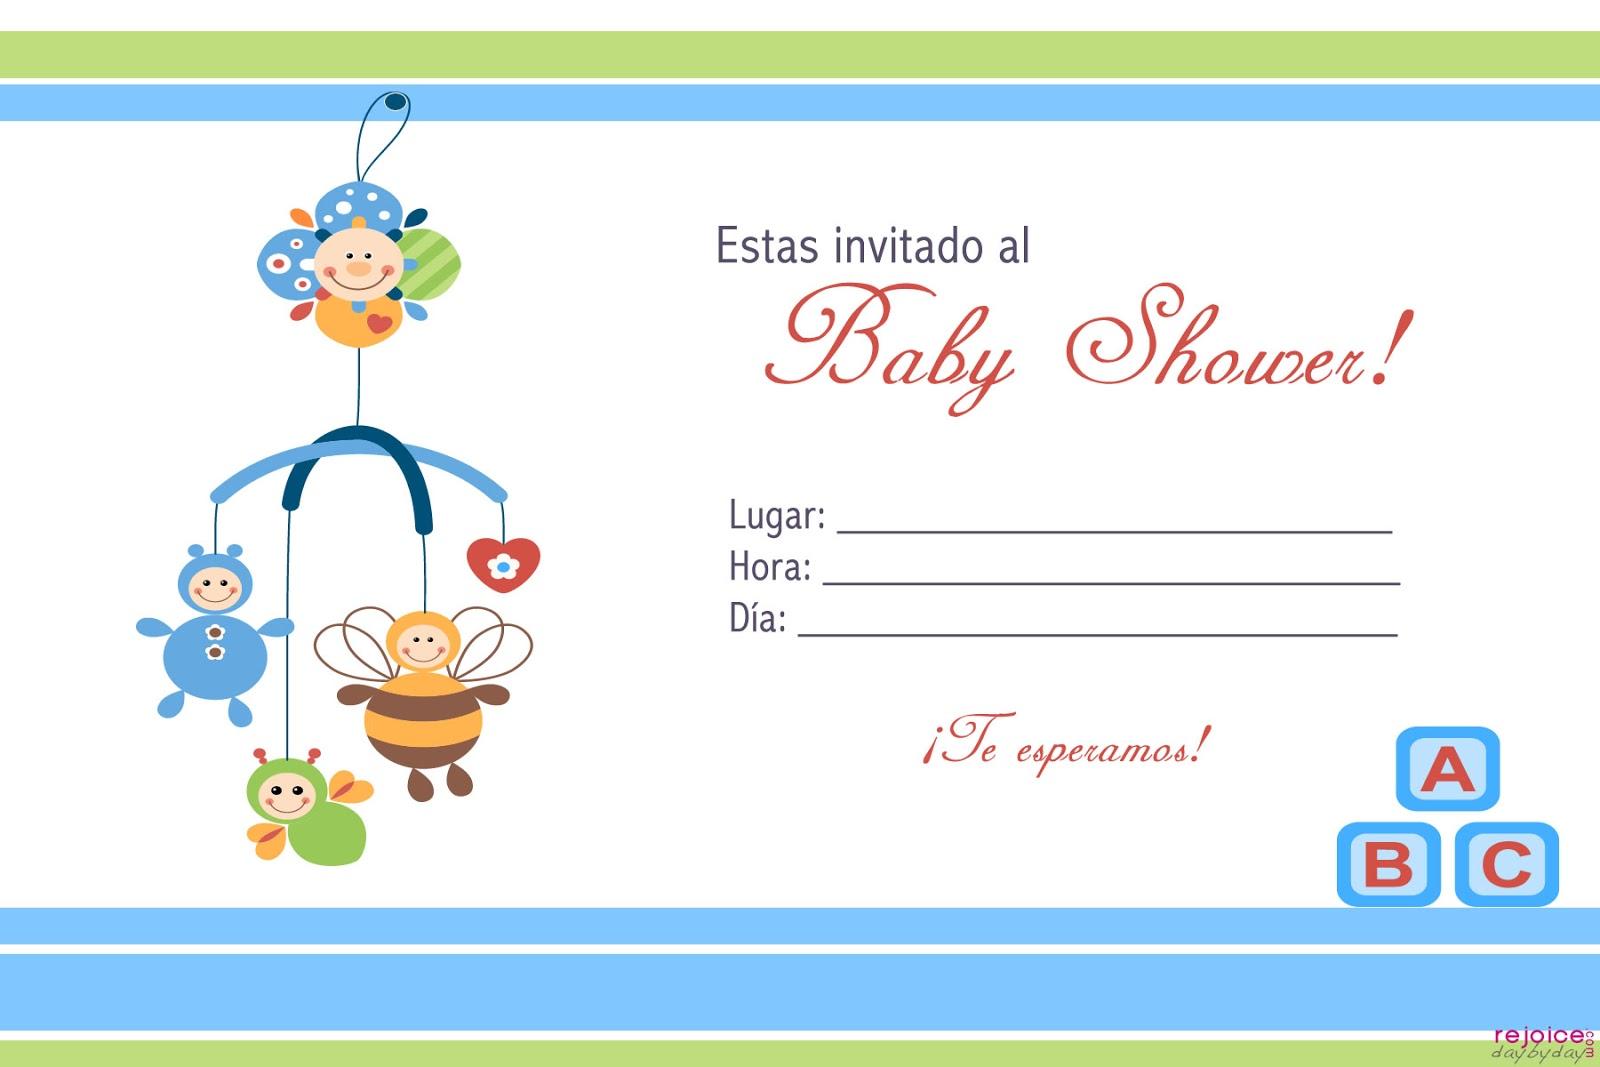 Invitaciones de baby shower para editar de niño - Imagui